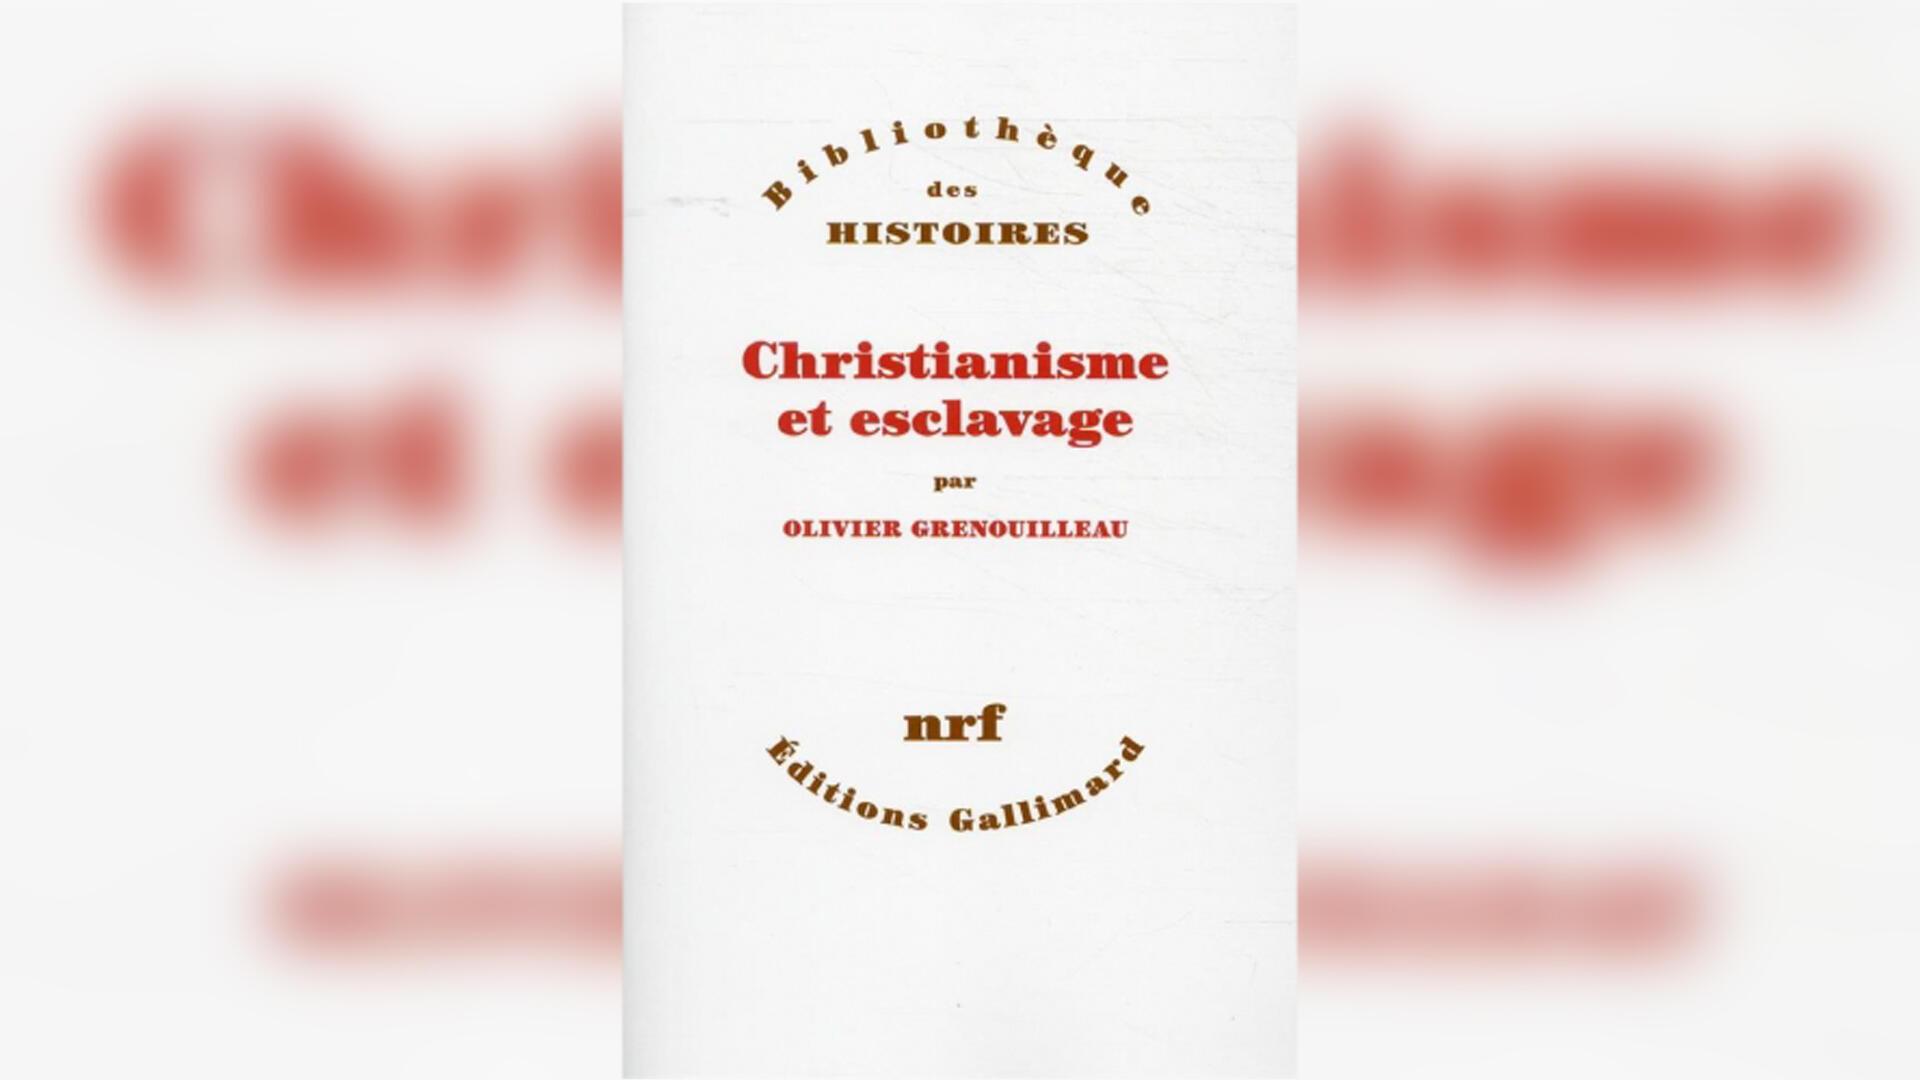 Couverture - Christianisme et esclavage - Olivier Grenouilleau - Gallimard